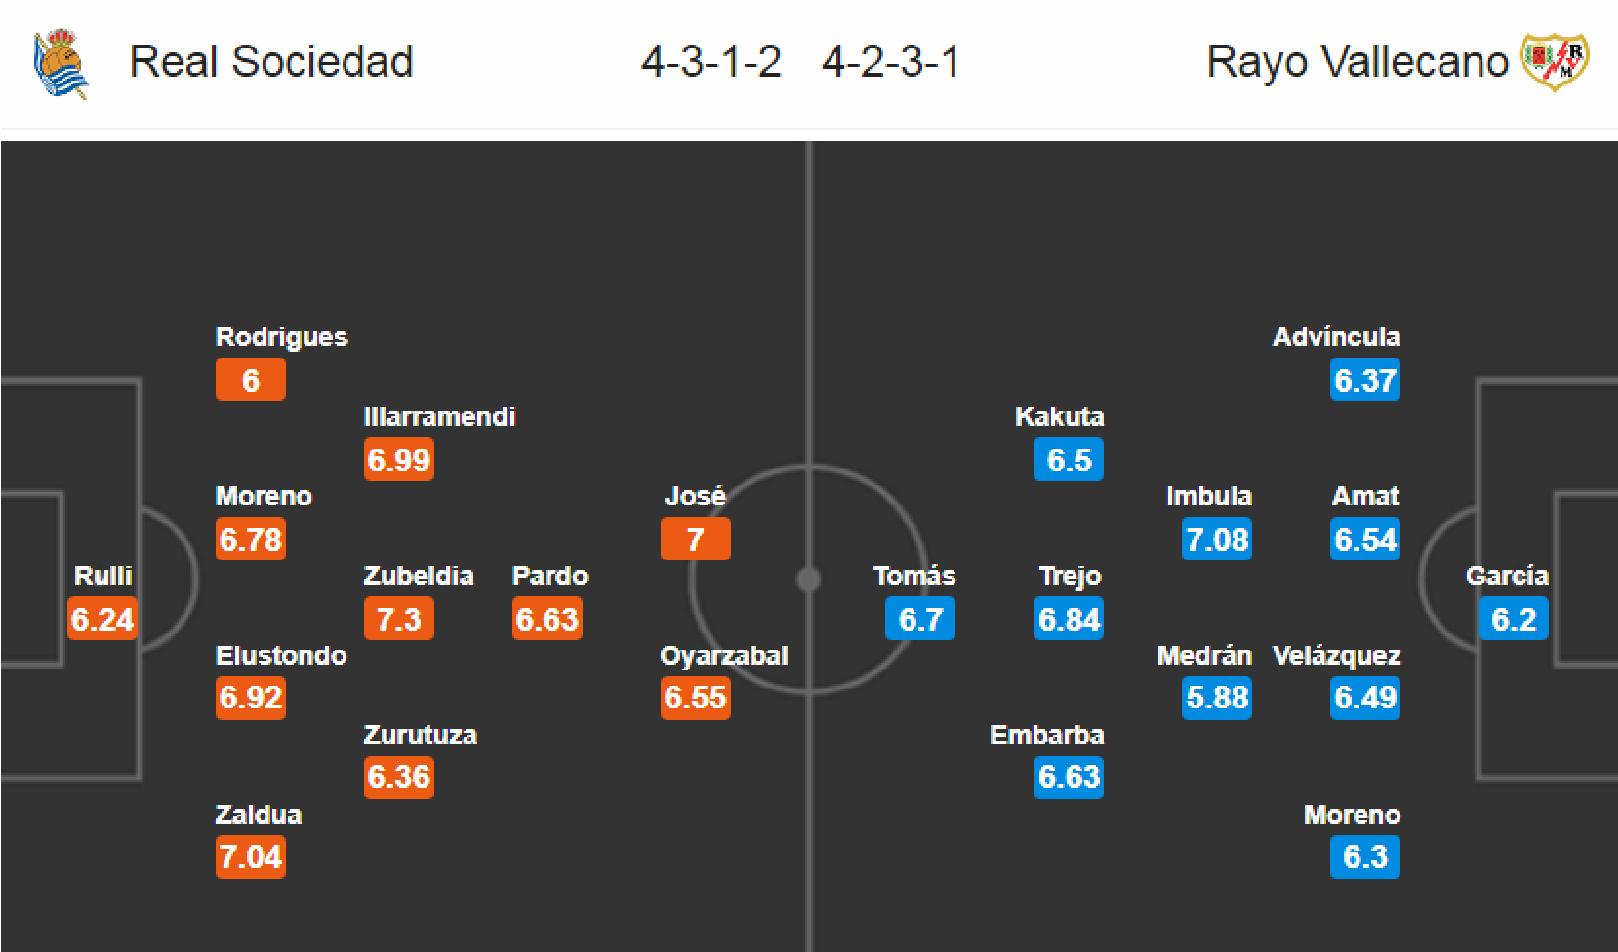 Real Sociedad - Rayo Vallecano